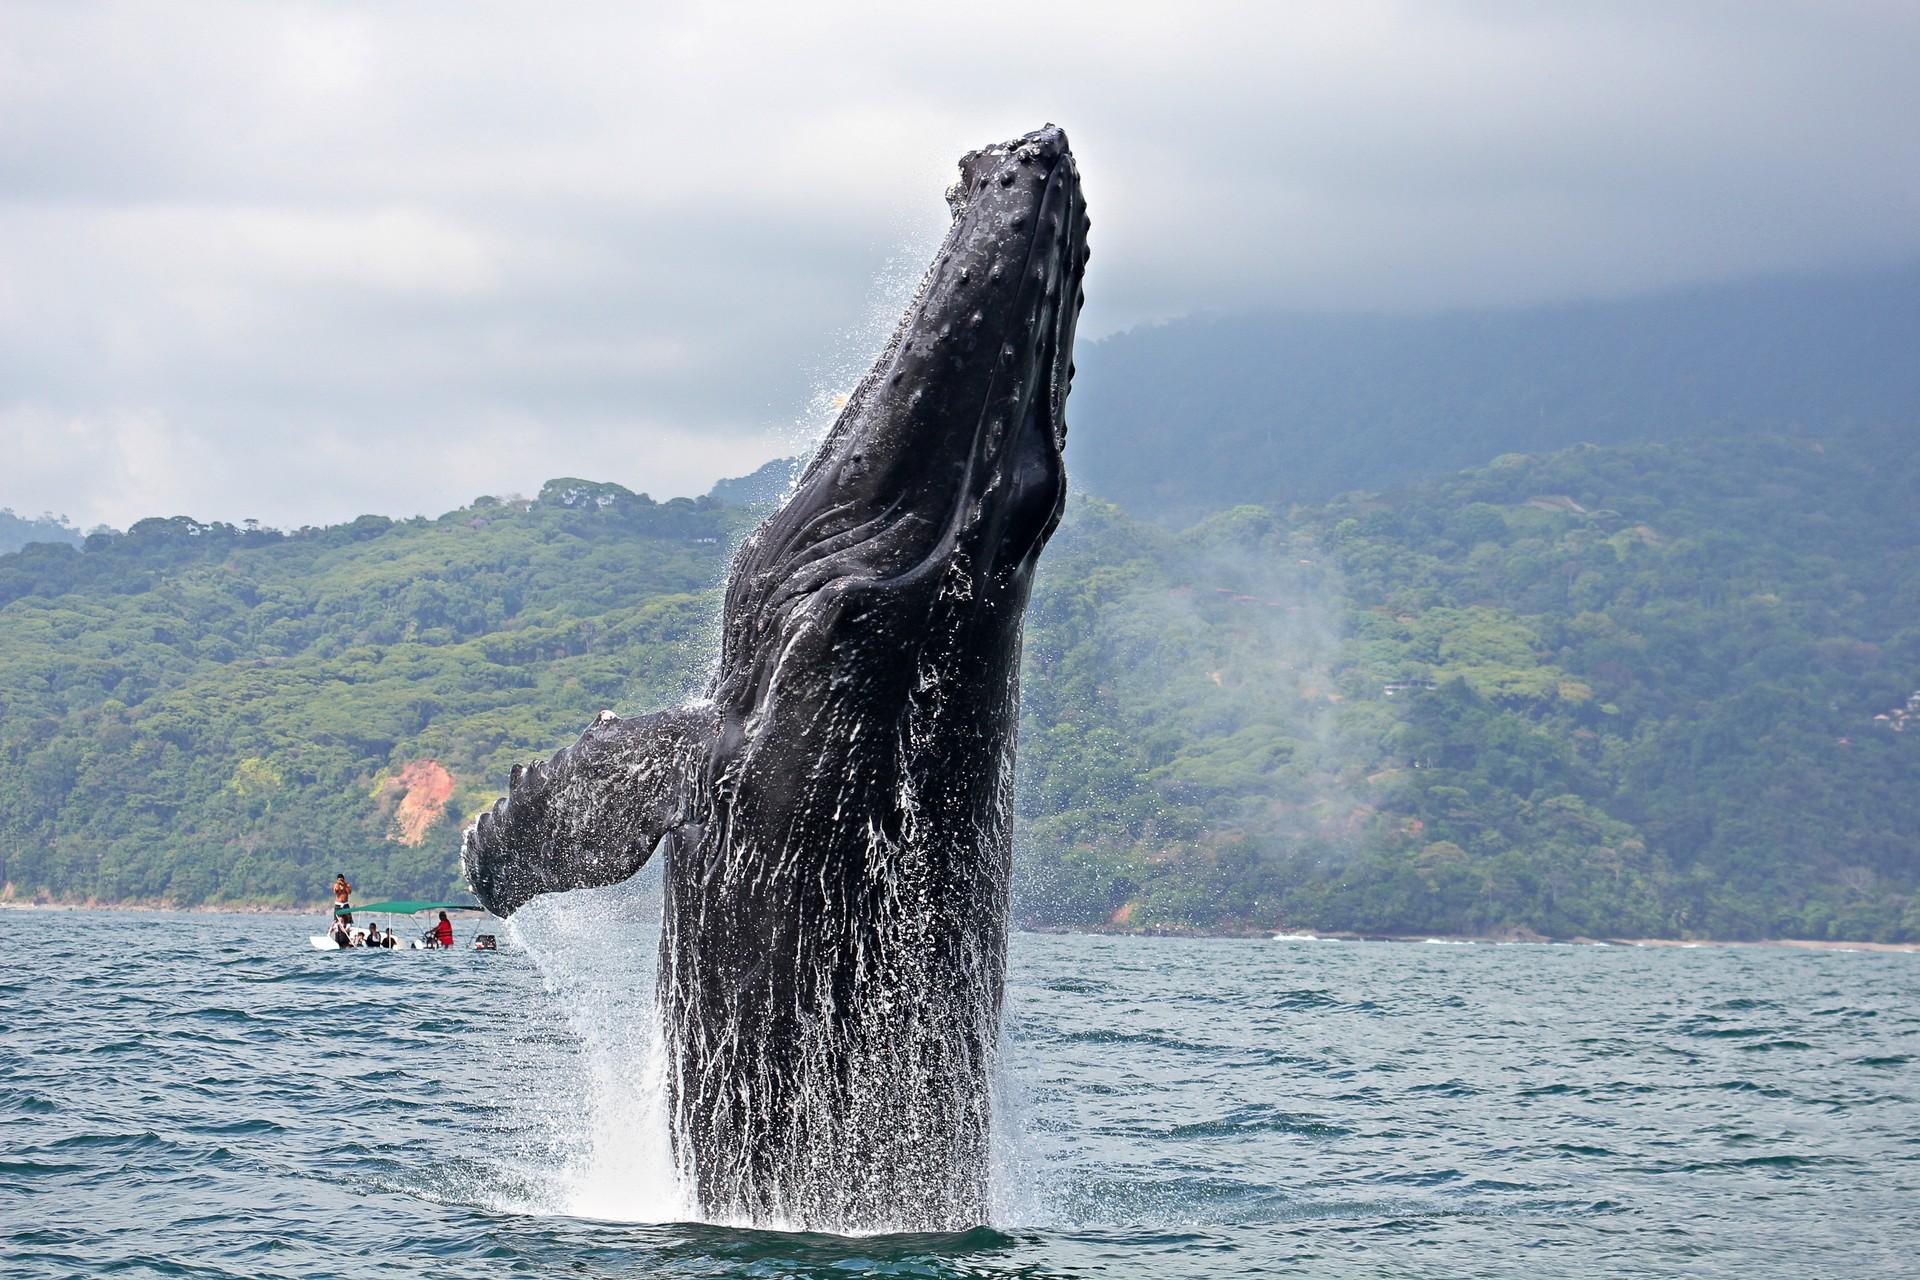 Humpback whale breaching in Costa Rica